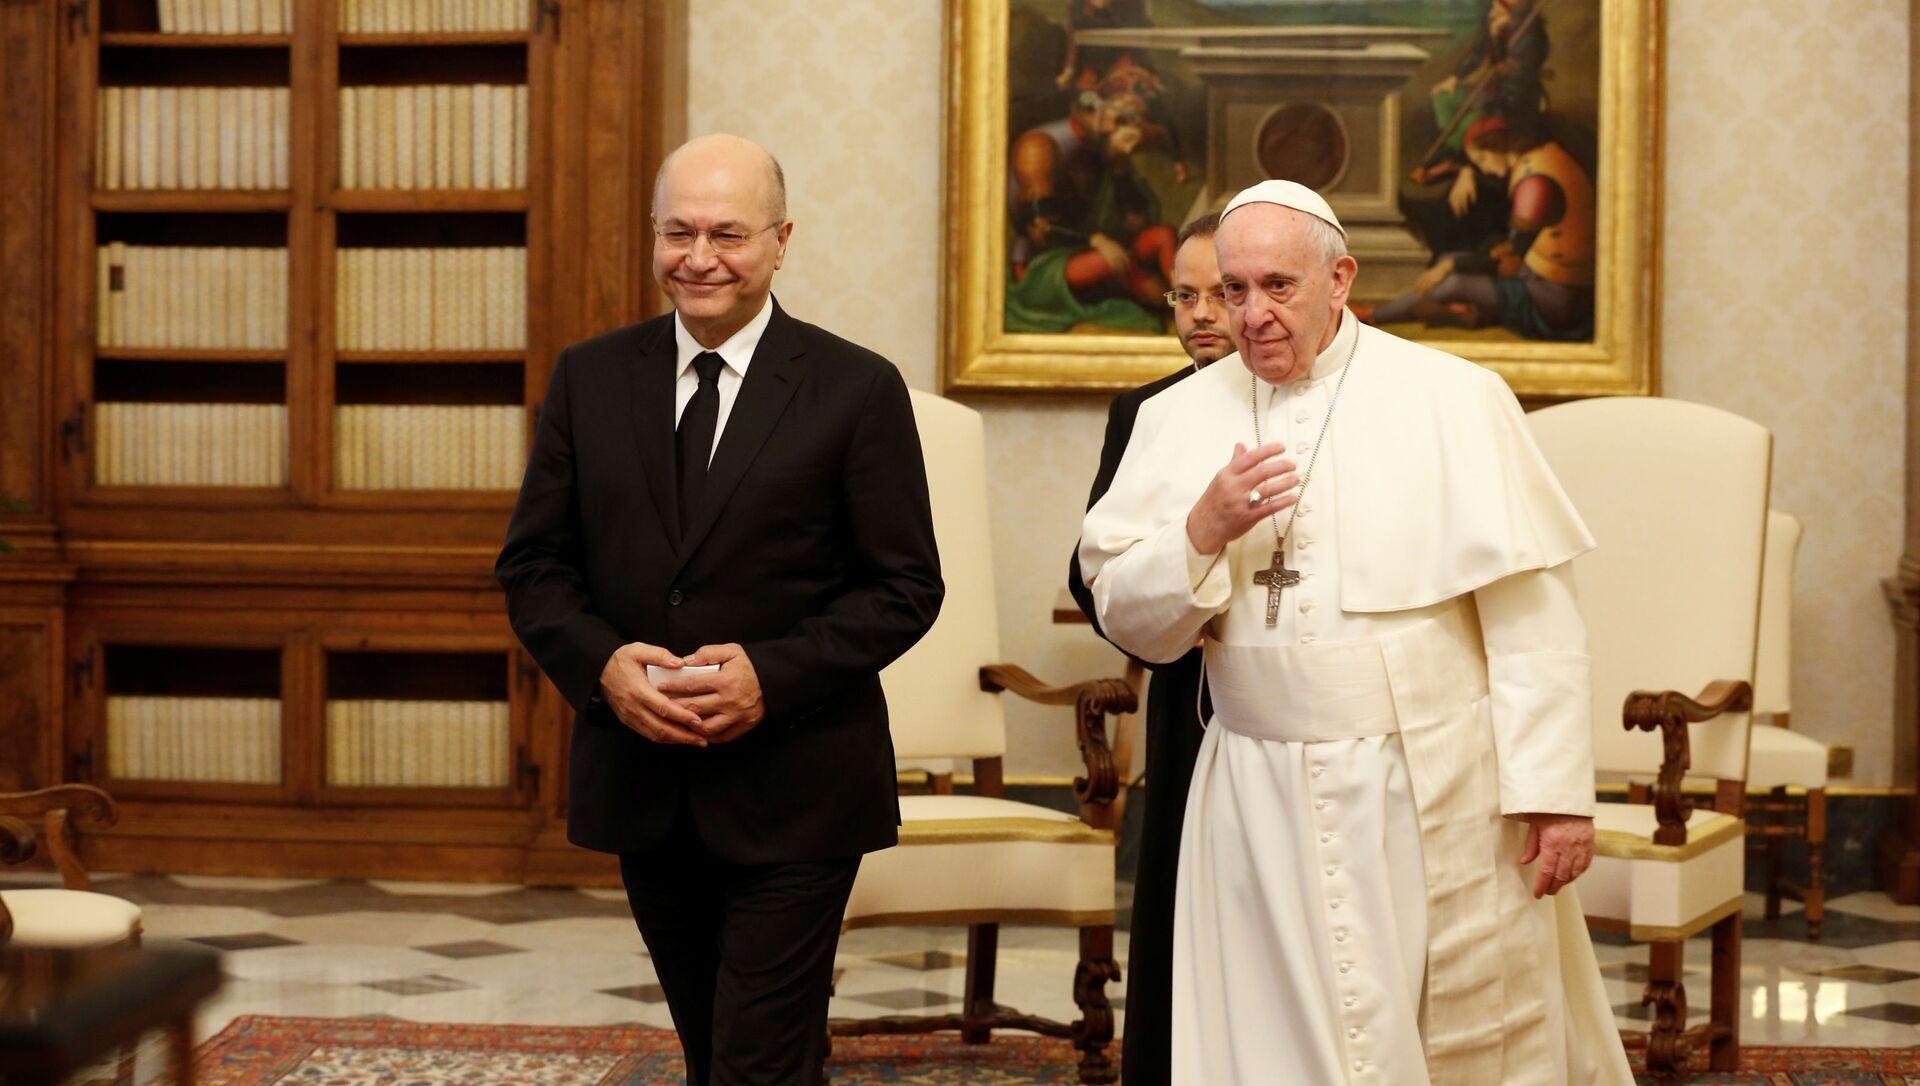 El presidente de Irak, Barham Salih, junto al papa Francisco - Sputnik Mundo, 1920, 25.01.2020